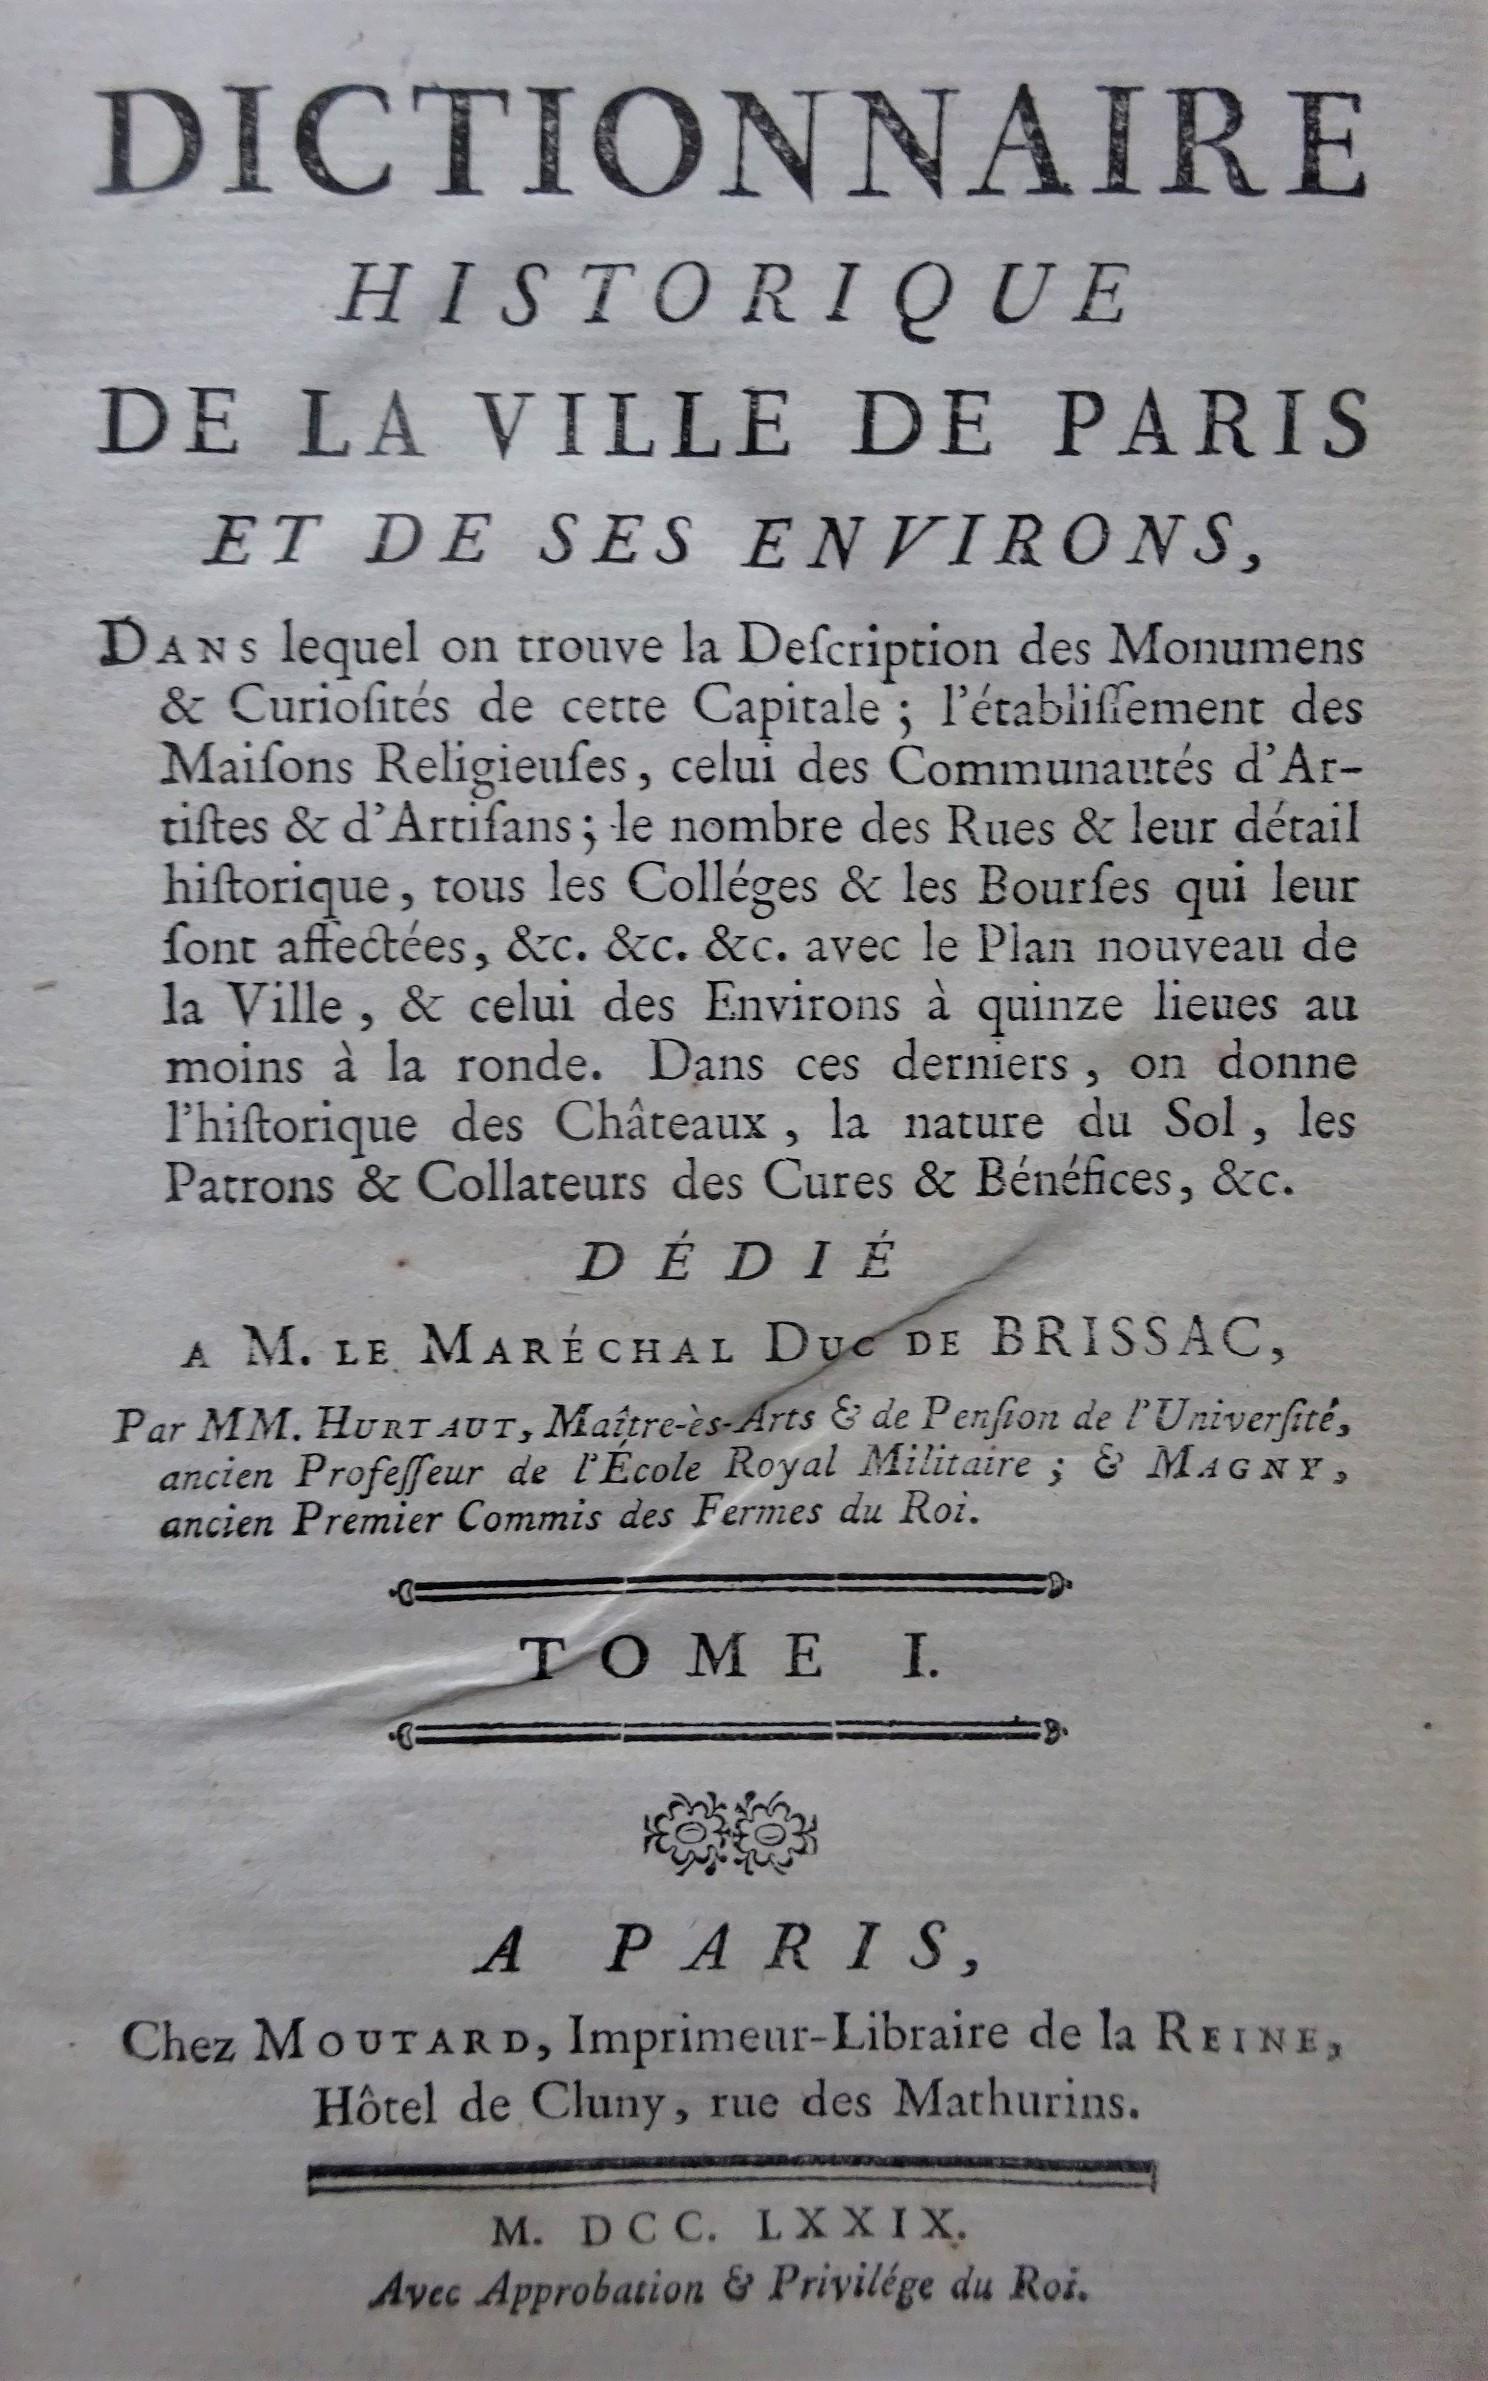 Dictionnaire historique de la ville de Paris et de ses environs